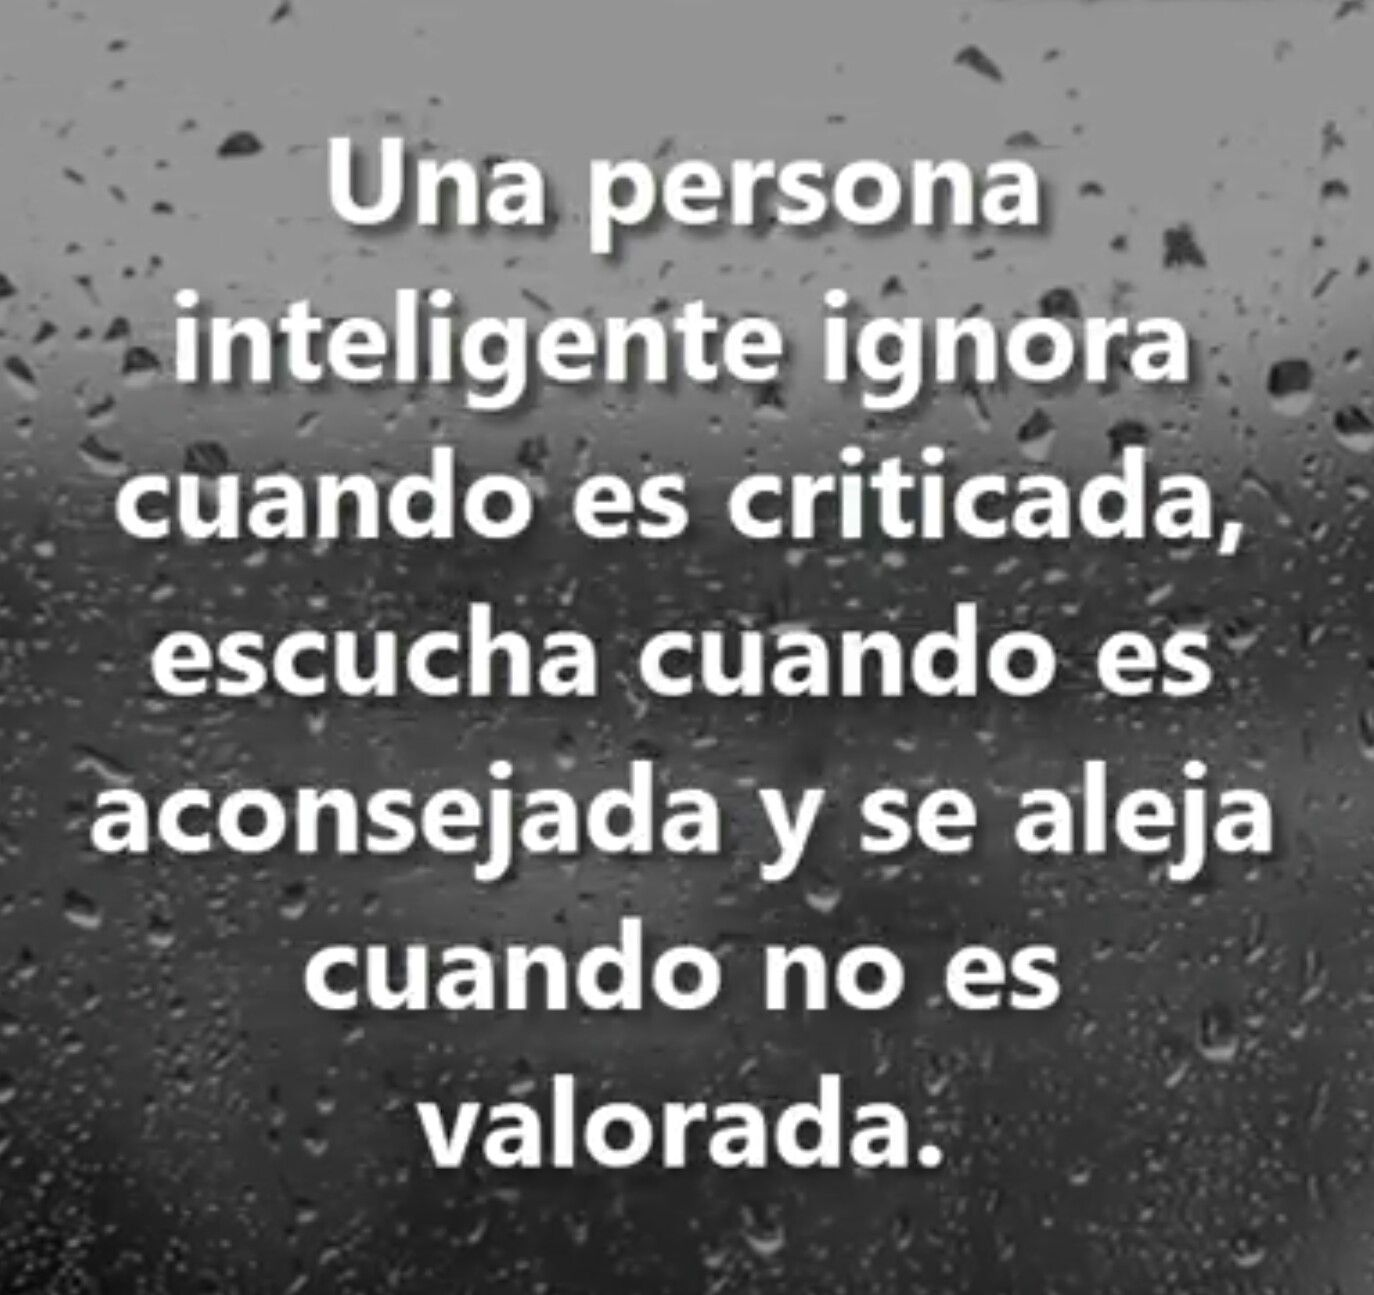 Una Persona Inteligente Ignora Cuando Es Criticada